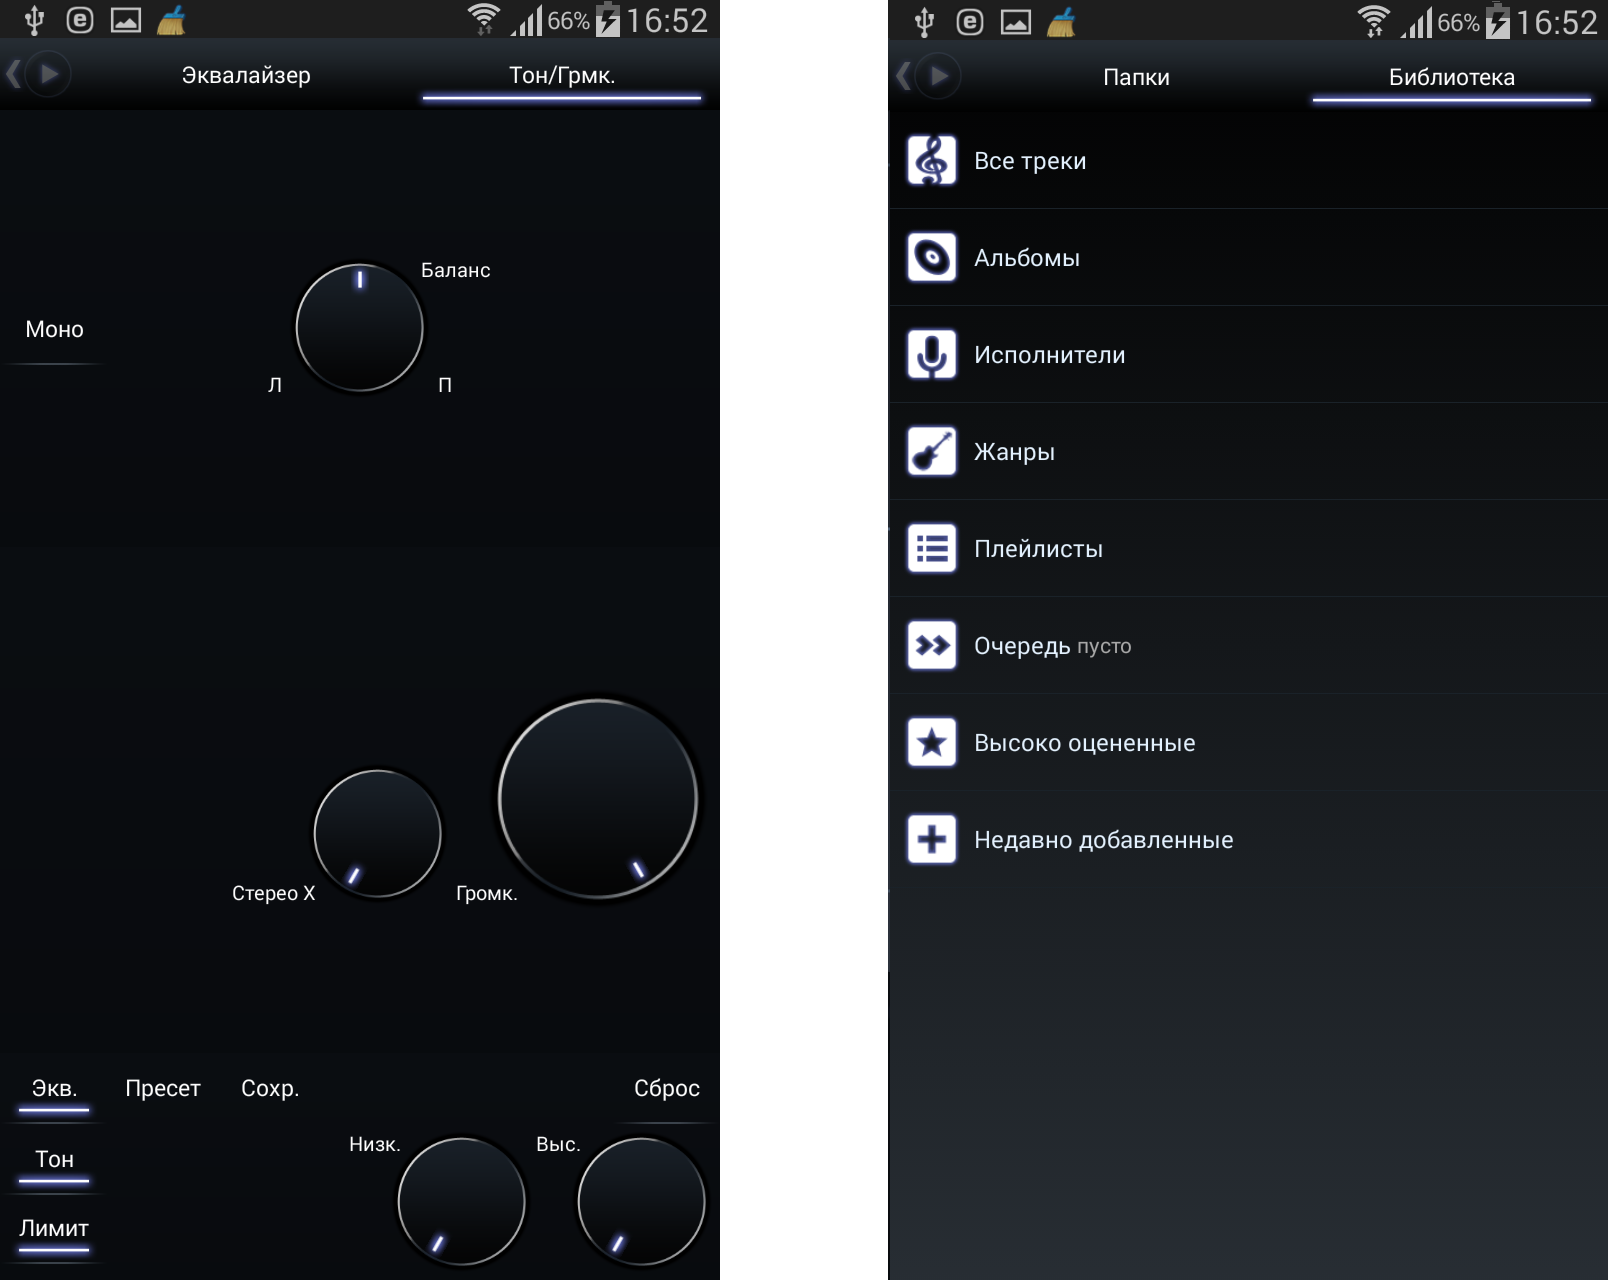 ТОП-20 приложений для Android - PowerAMP